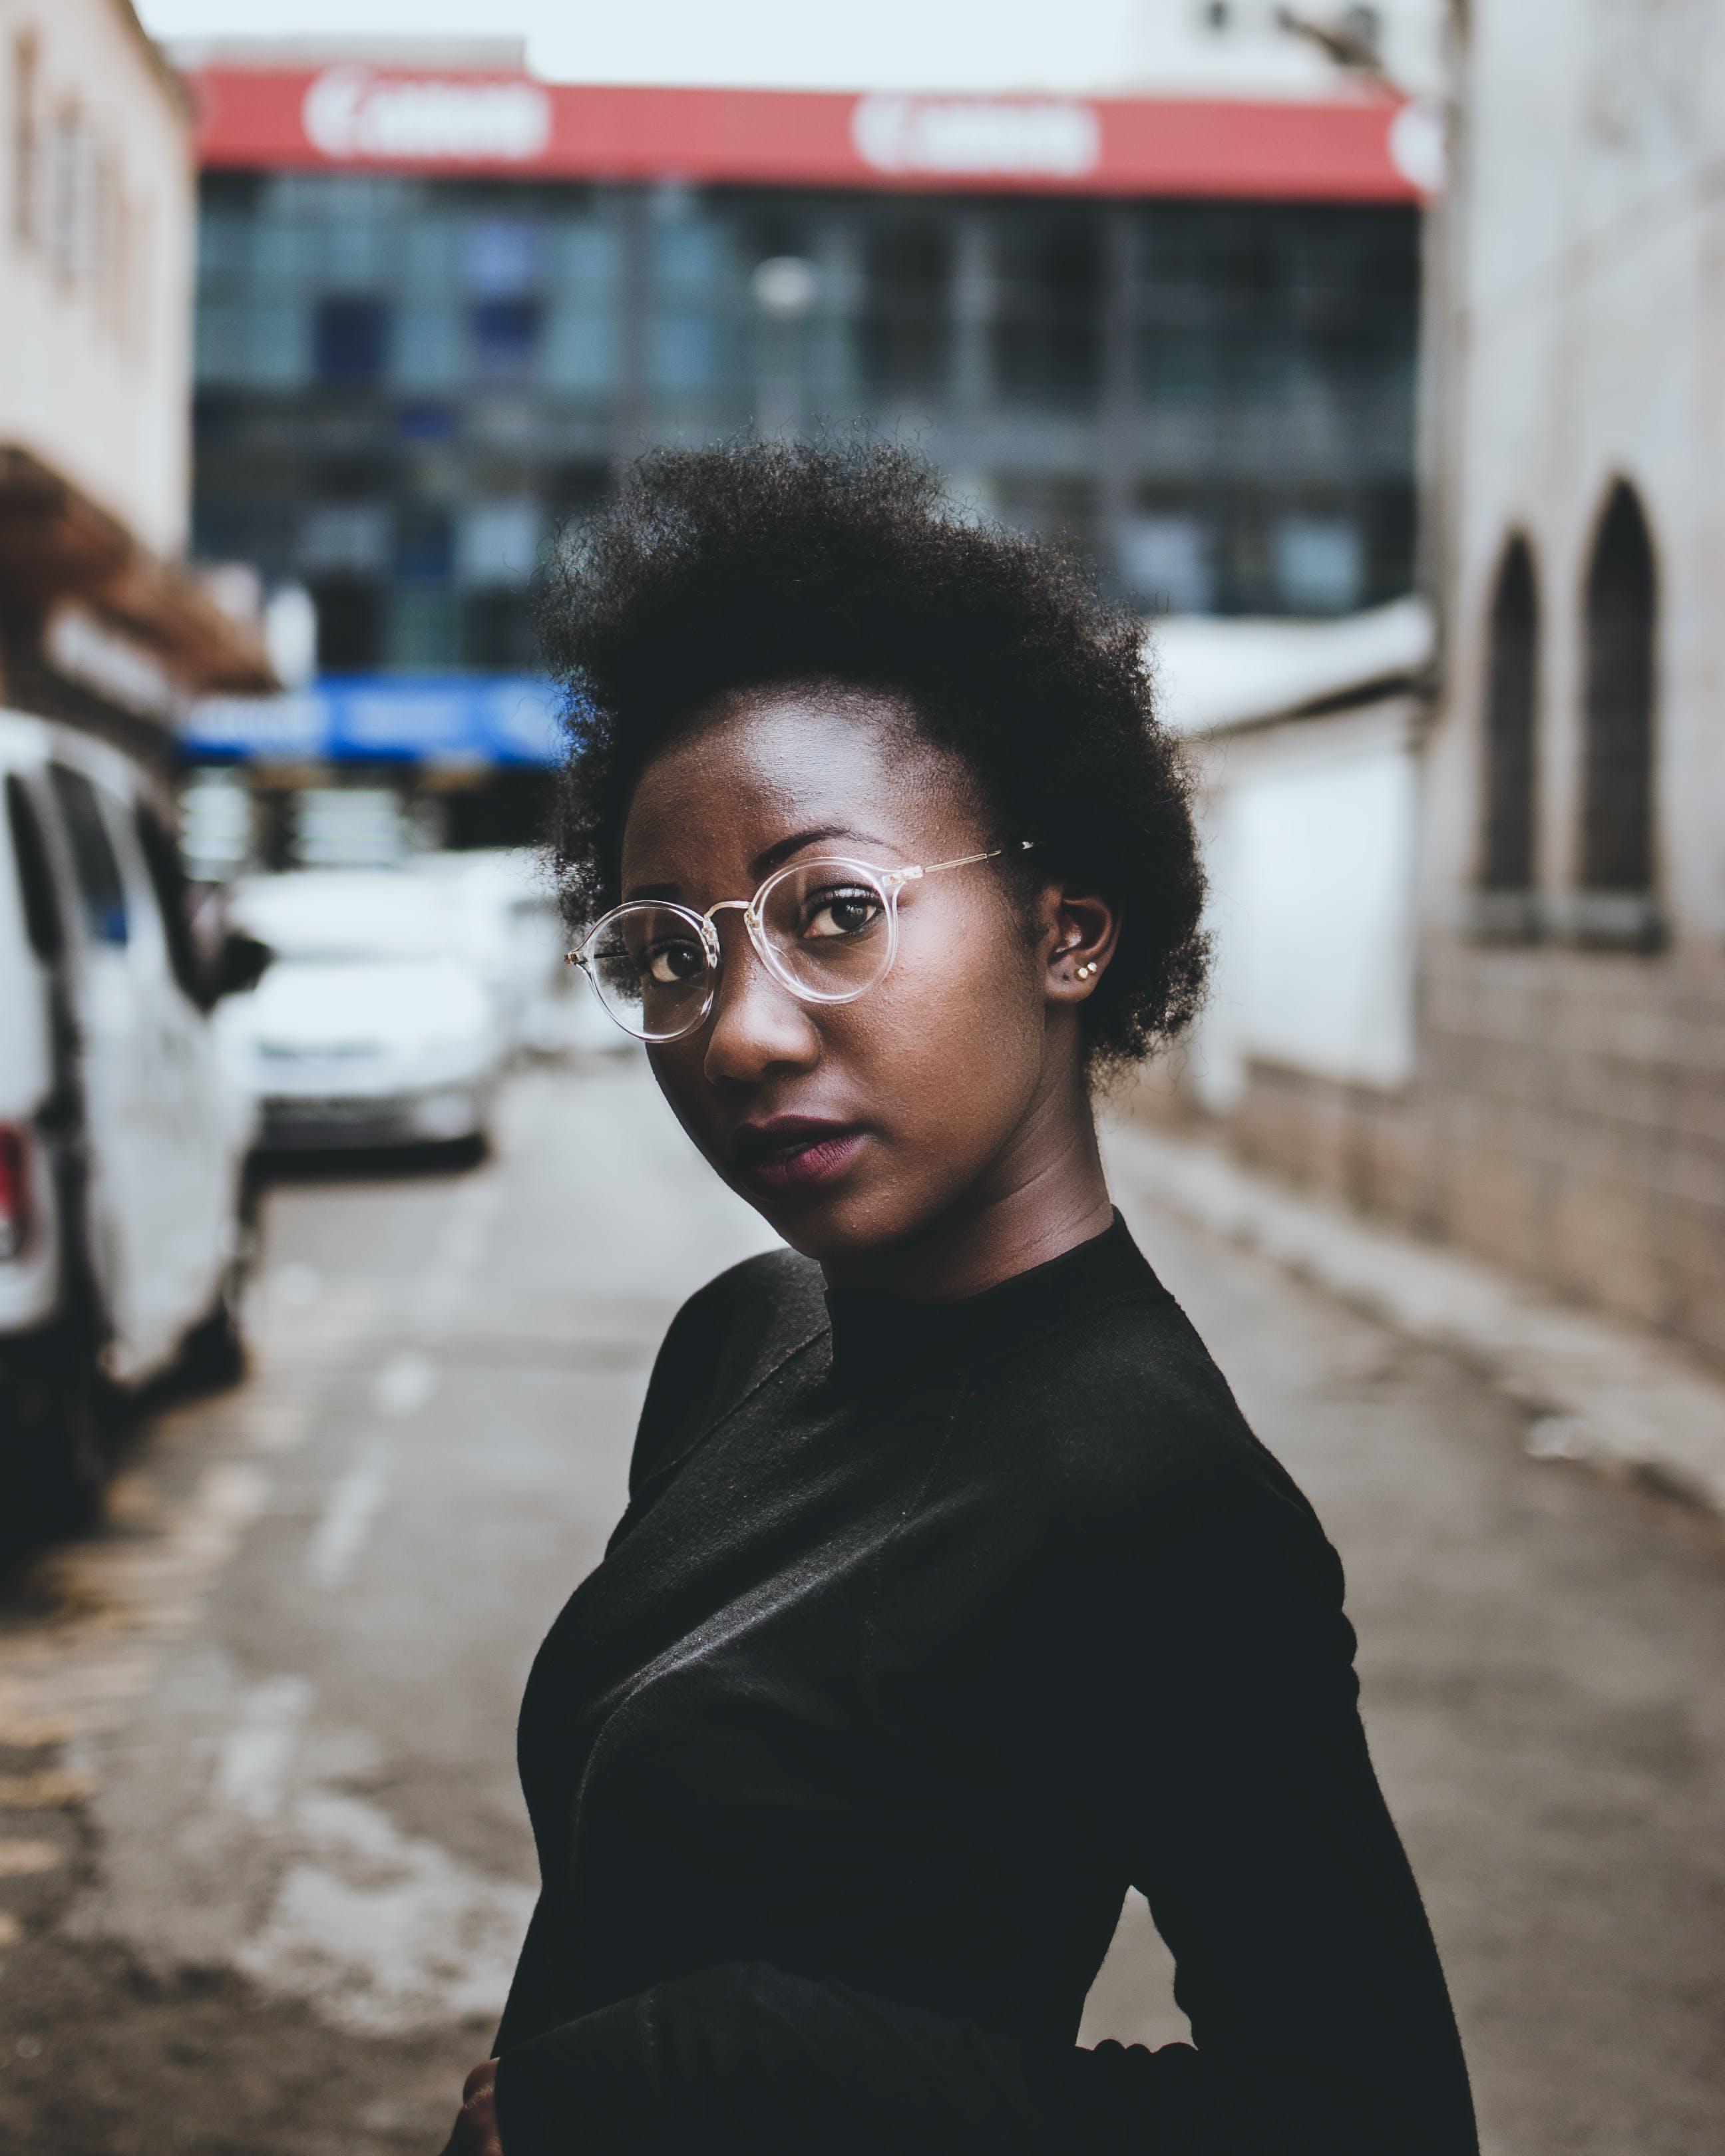 Gratis lagerfoto af ansigtsudtryk, attraktiv, briller, by